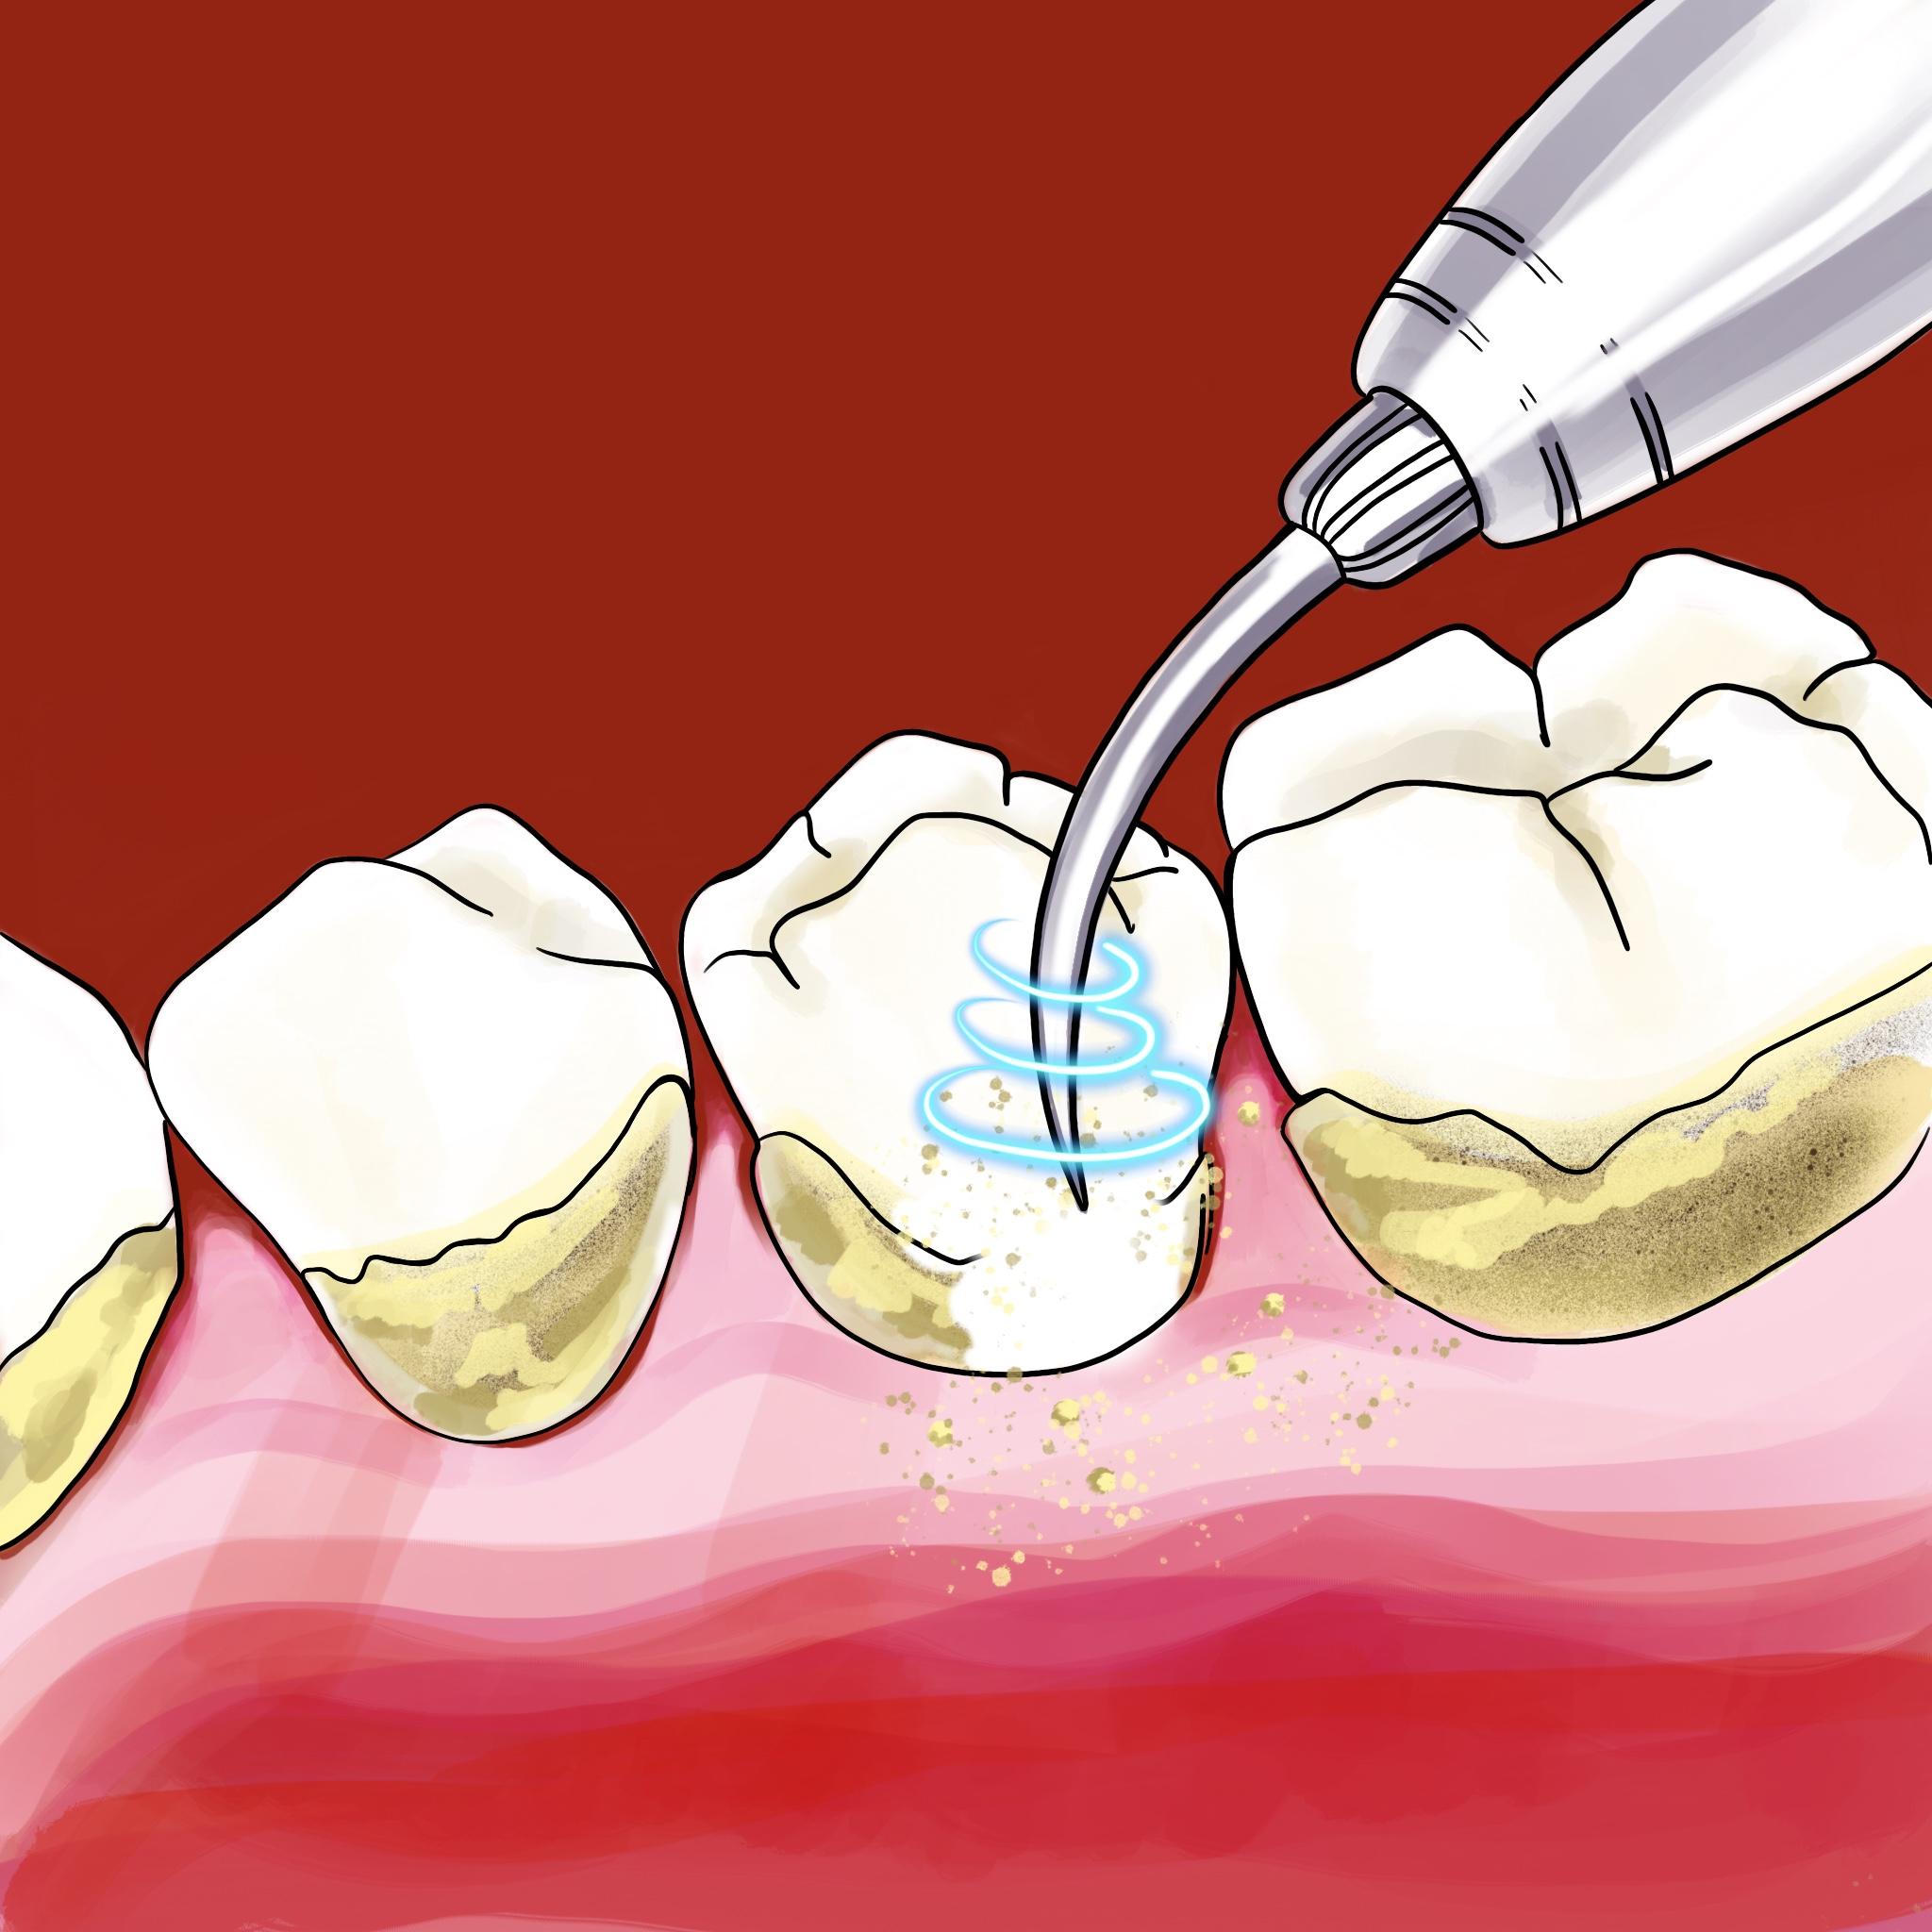 Как делают ультразвуковую чистку зубов?